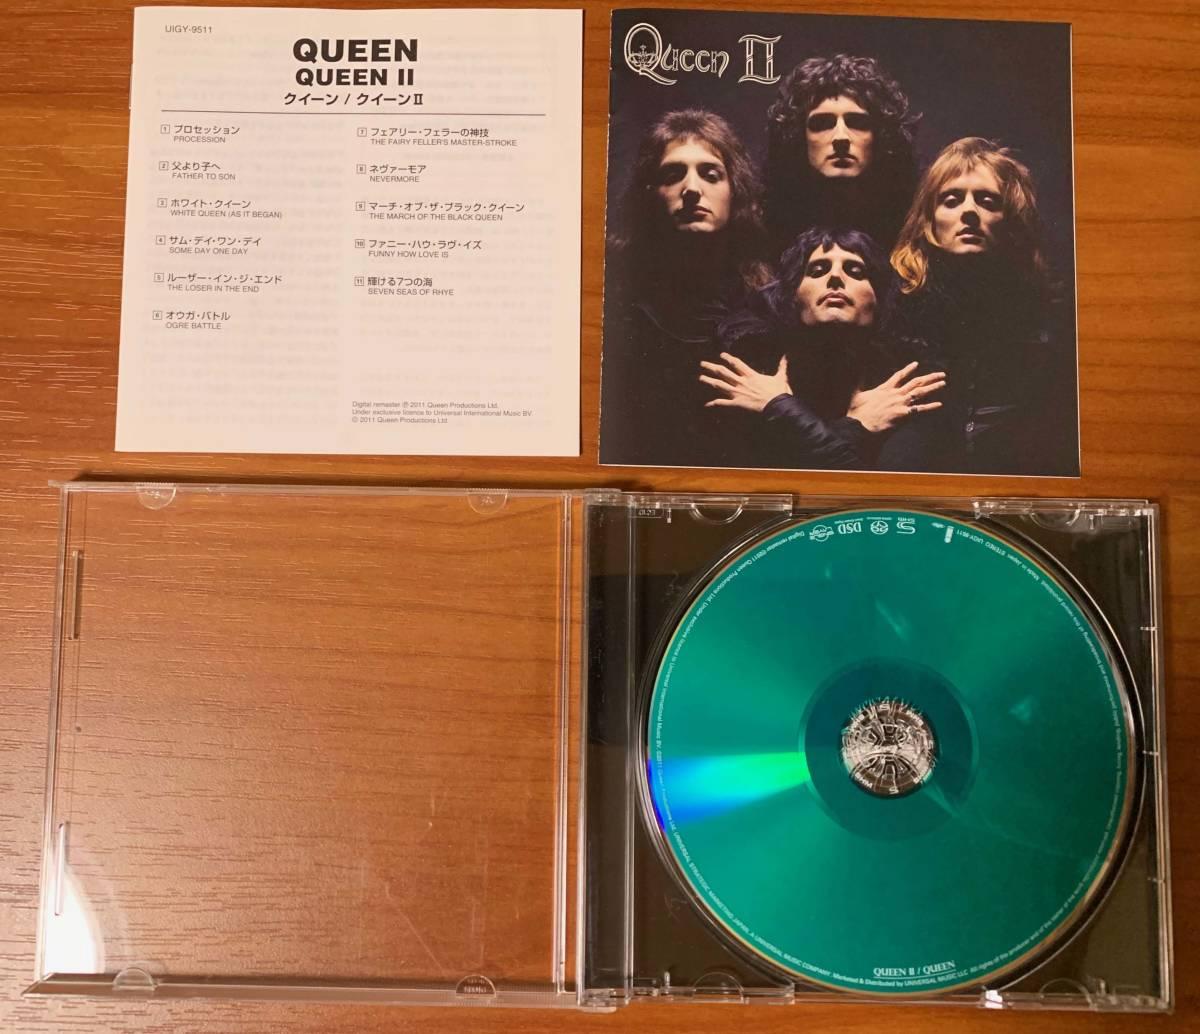 【希少品・廃盤】Queen クイーン クイーンII  UIGY-9511 【SACDシングルレイヤー盤】_画像2